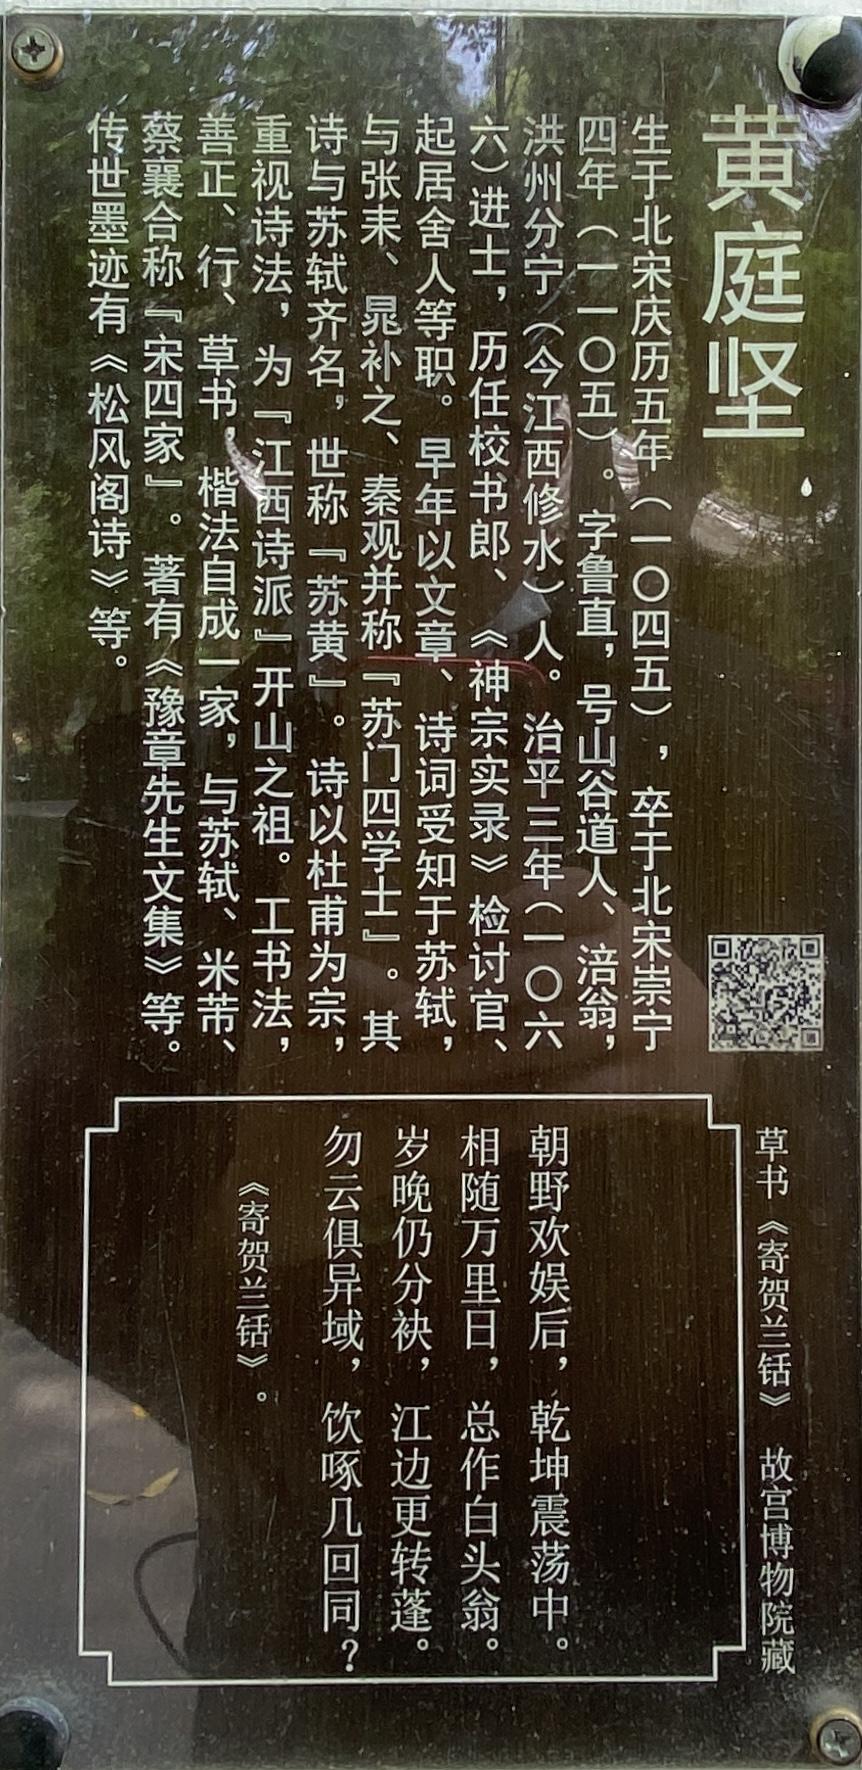 寄賀蘭銛-杜甫千詩碑-浣花溪公園-成都杜甫草堂博物館-書:黃庭堅